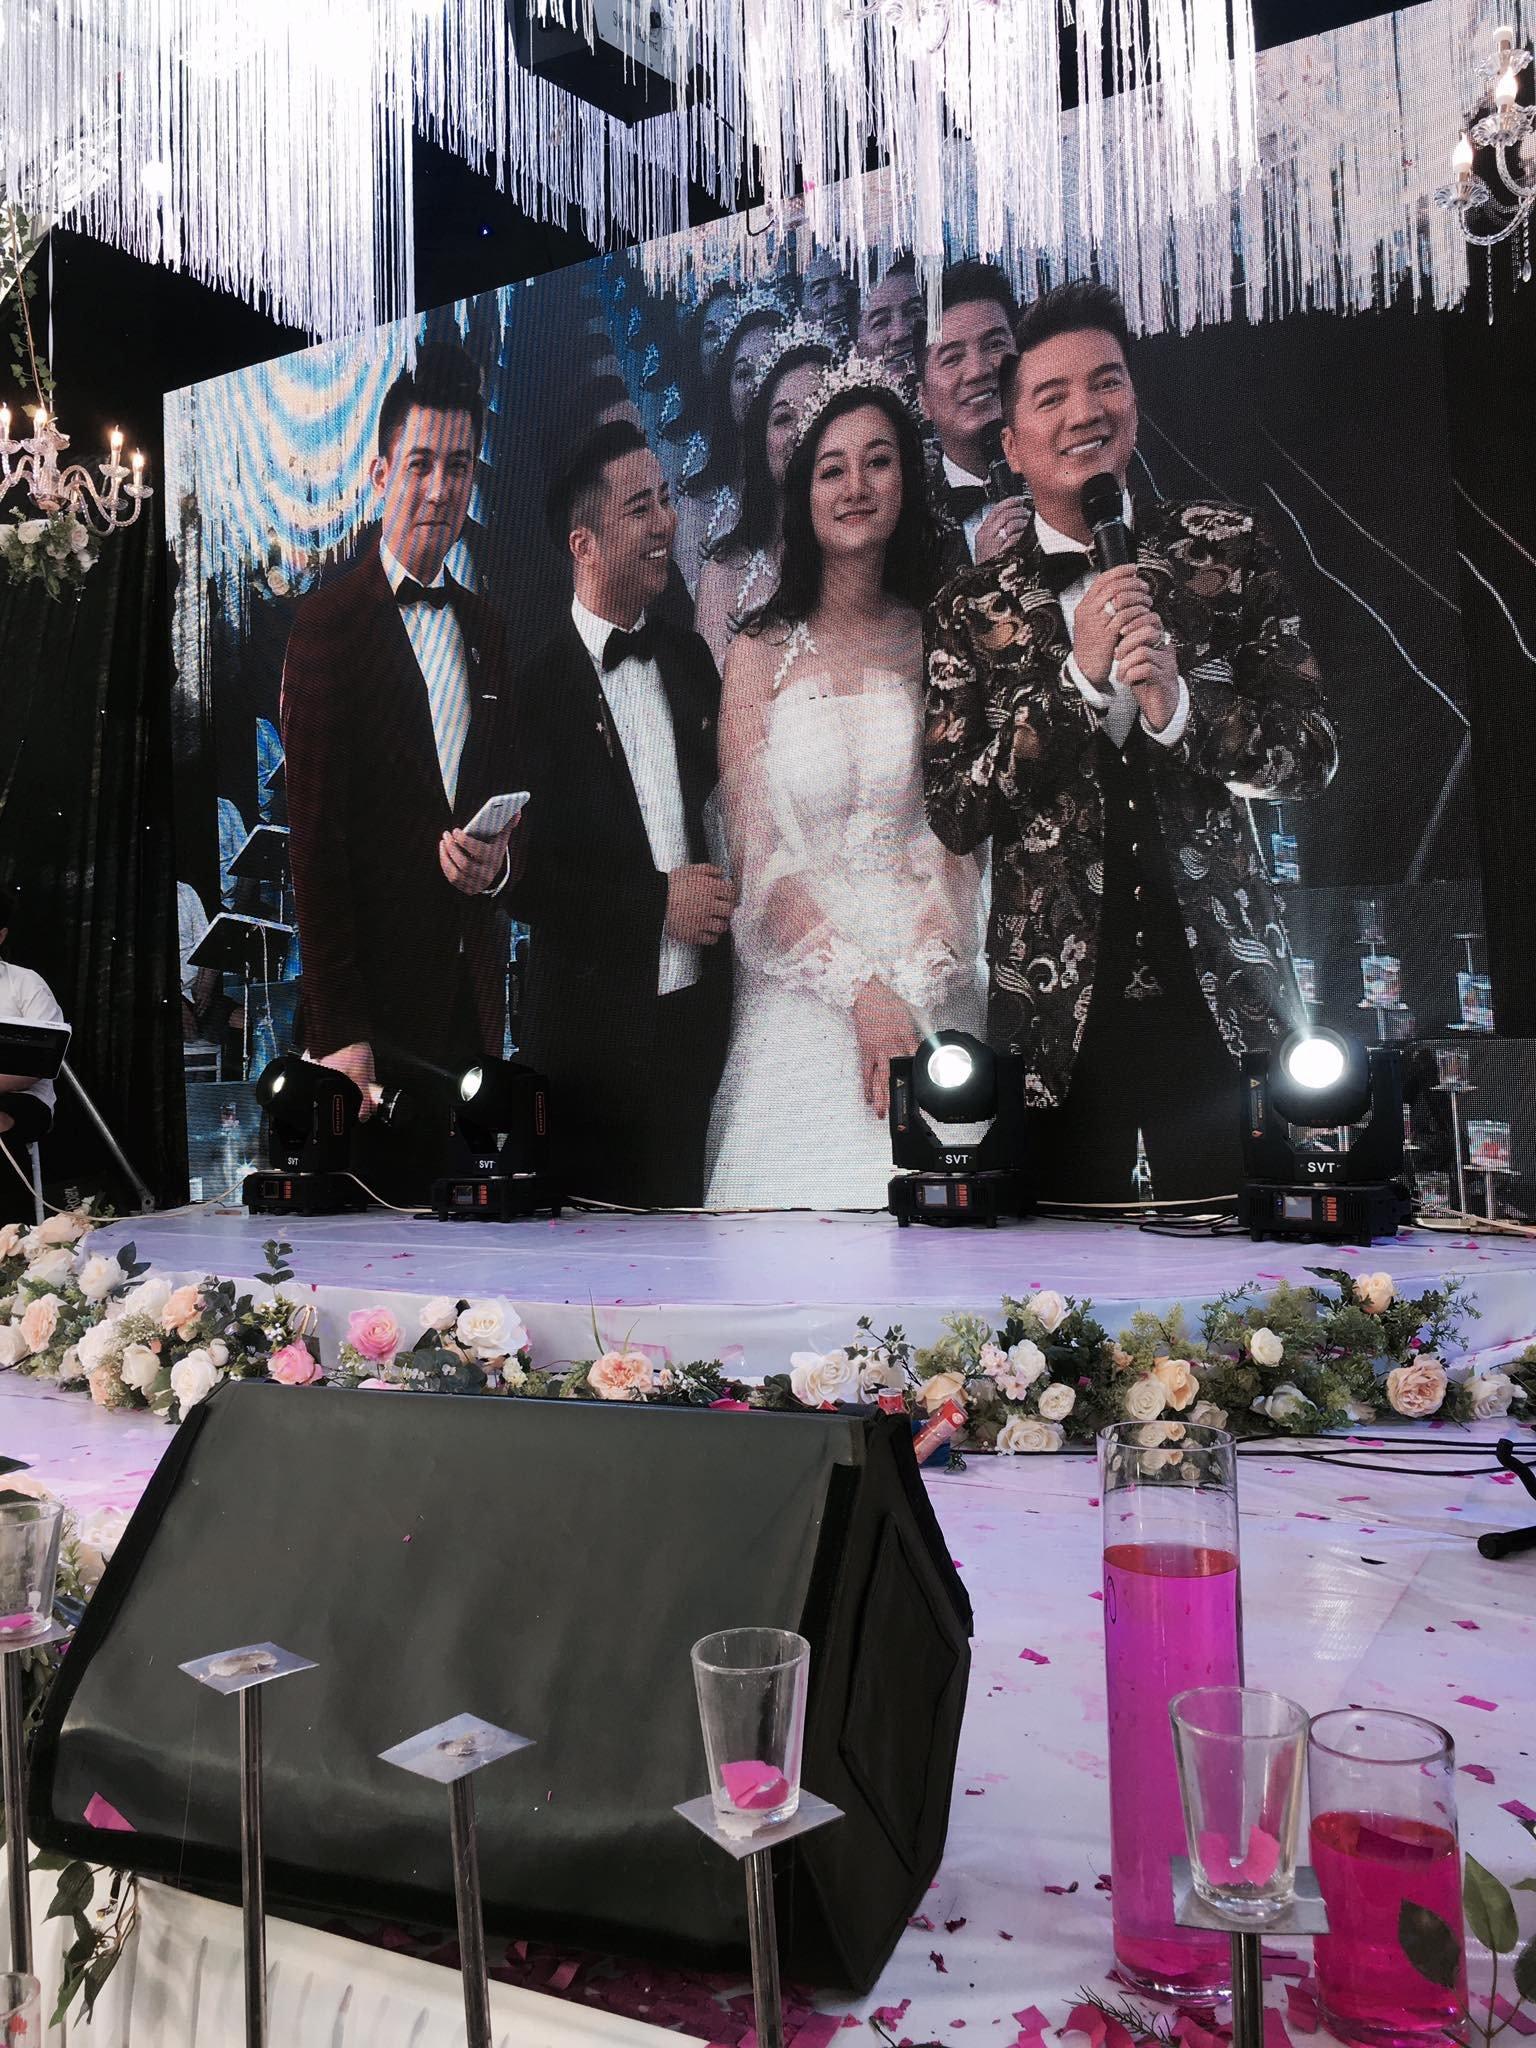 Mr. Đàm, Lam Trường lặn lội về tận quê Hữu Công dự đám cưới, có cả dàn vệ sĩ thắt chặt an ninh ở sự kiện 2